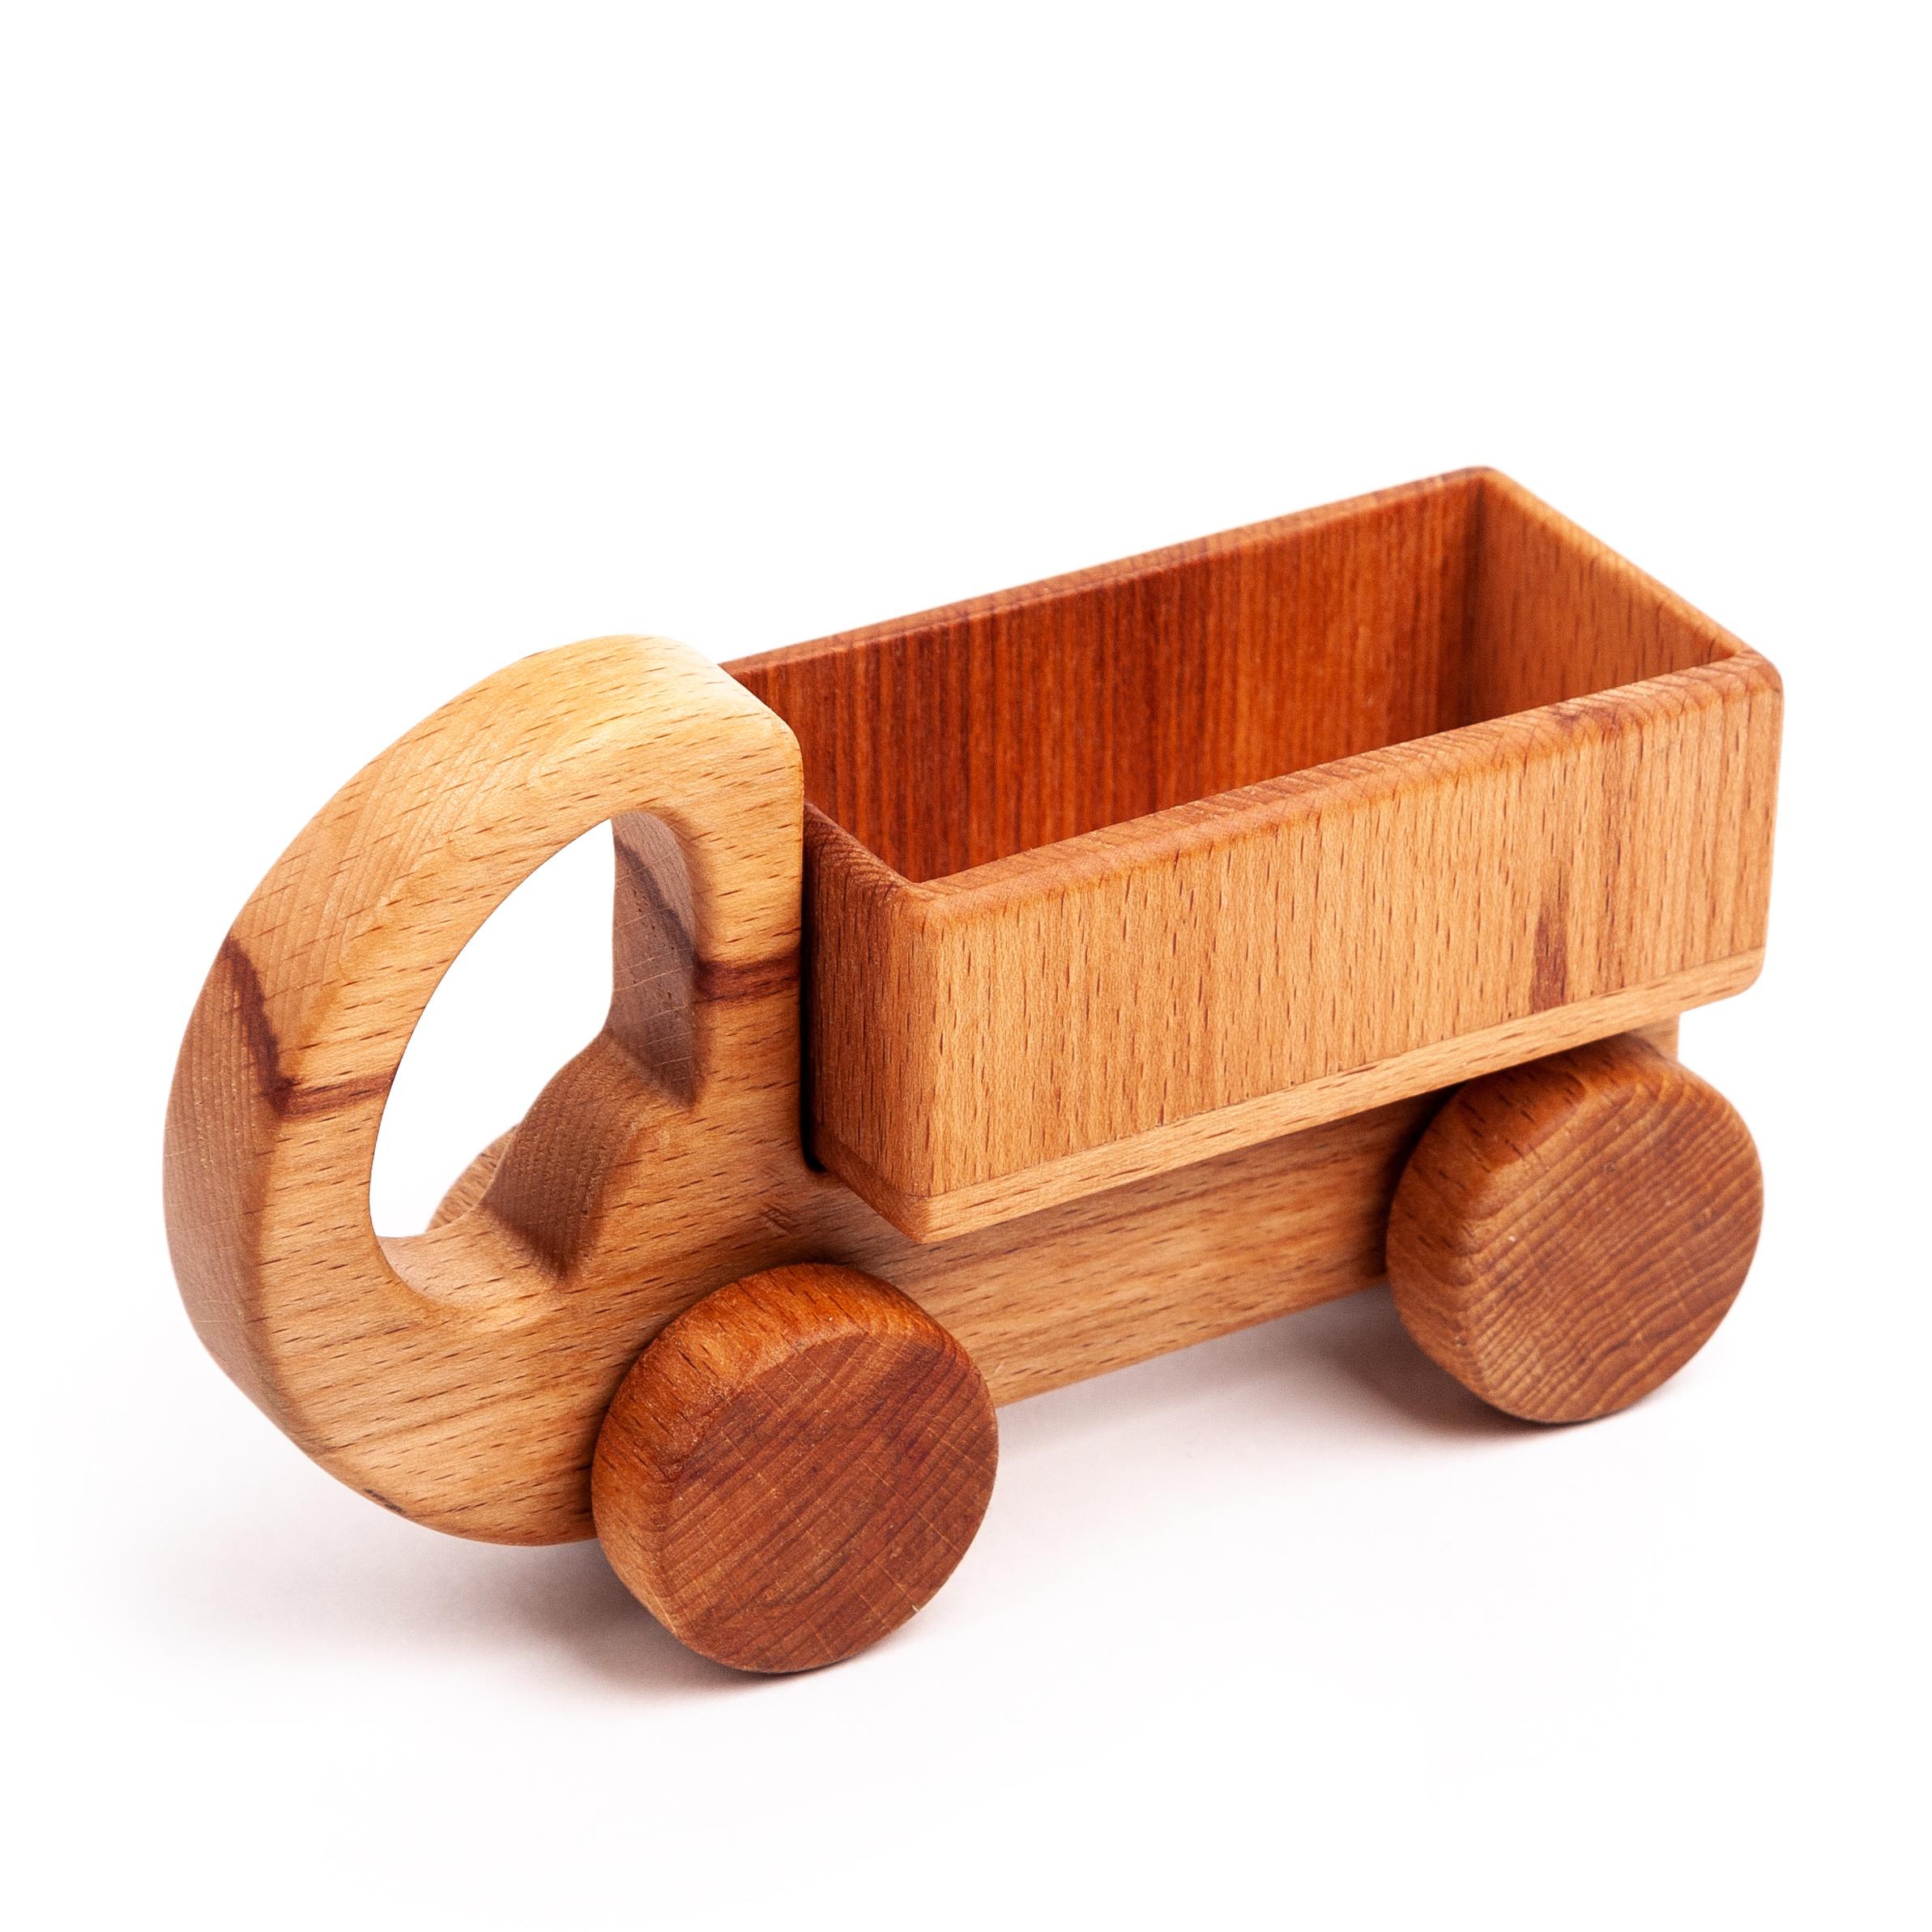 Каталка Волшебное дерево Мини-грузовик 54vd02-15150410418Эту игрушку легко держать в маленьких ручках, она отлично катается по полу или столу, что увлекает малыша и помогает открывать мир своих возможностей, развивает координацию движений. Походит для детей от 6 до 24 мес.